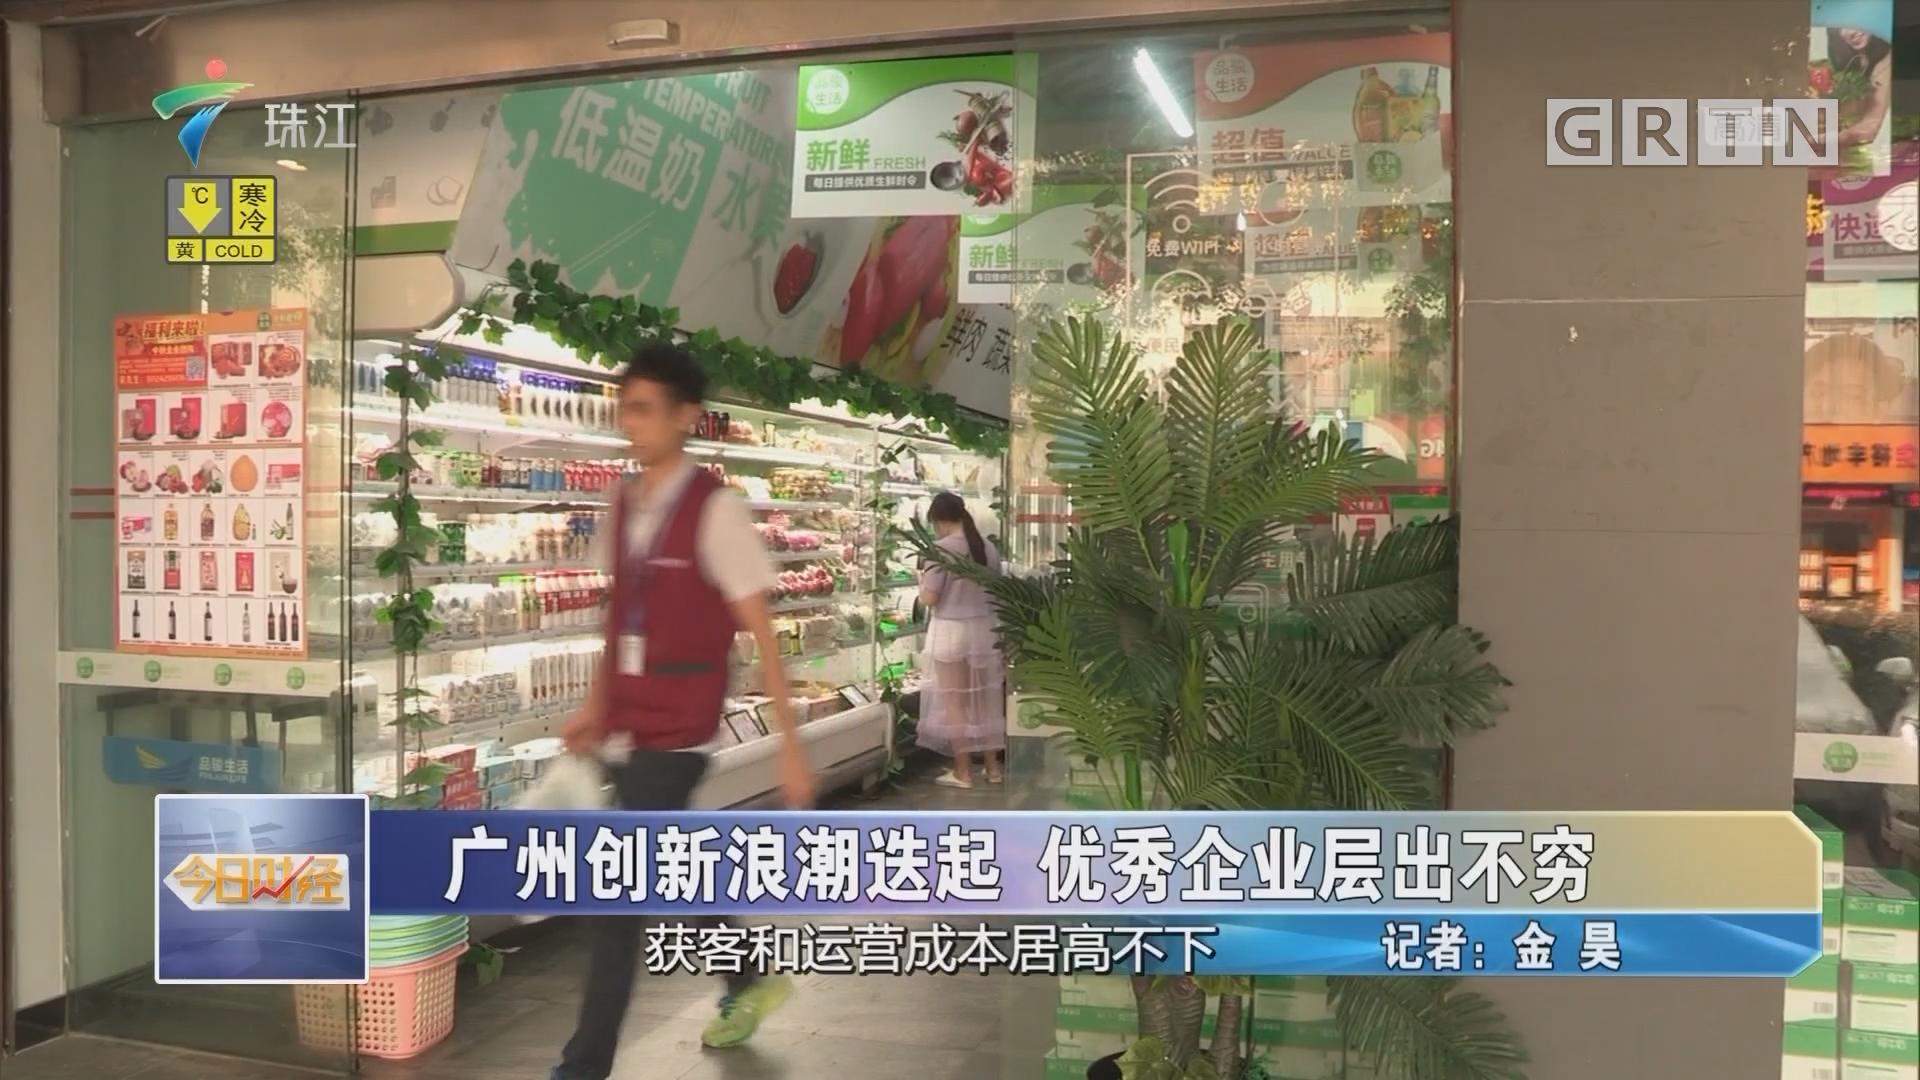 广州创新浪潮迭起 优秀企业层出不穷(二)